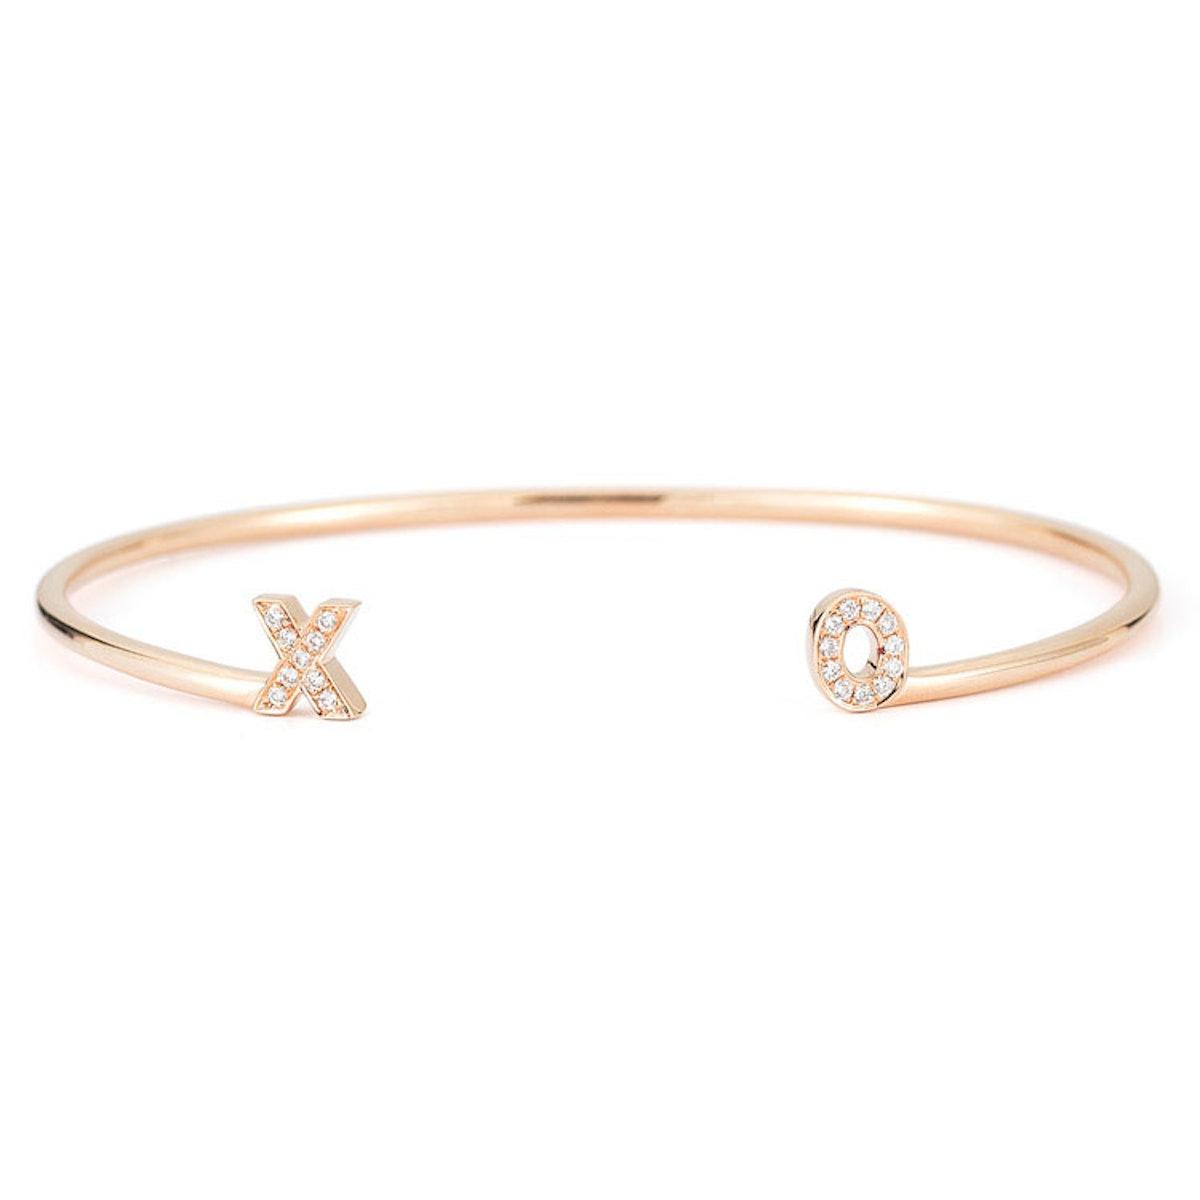 dana rebecca bracelet